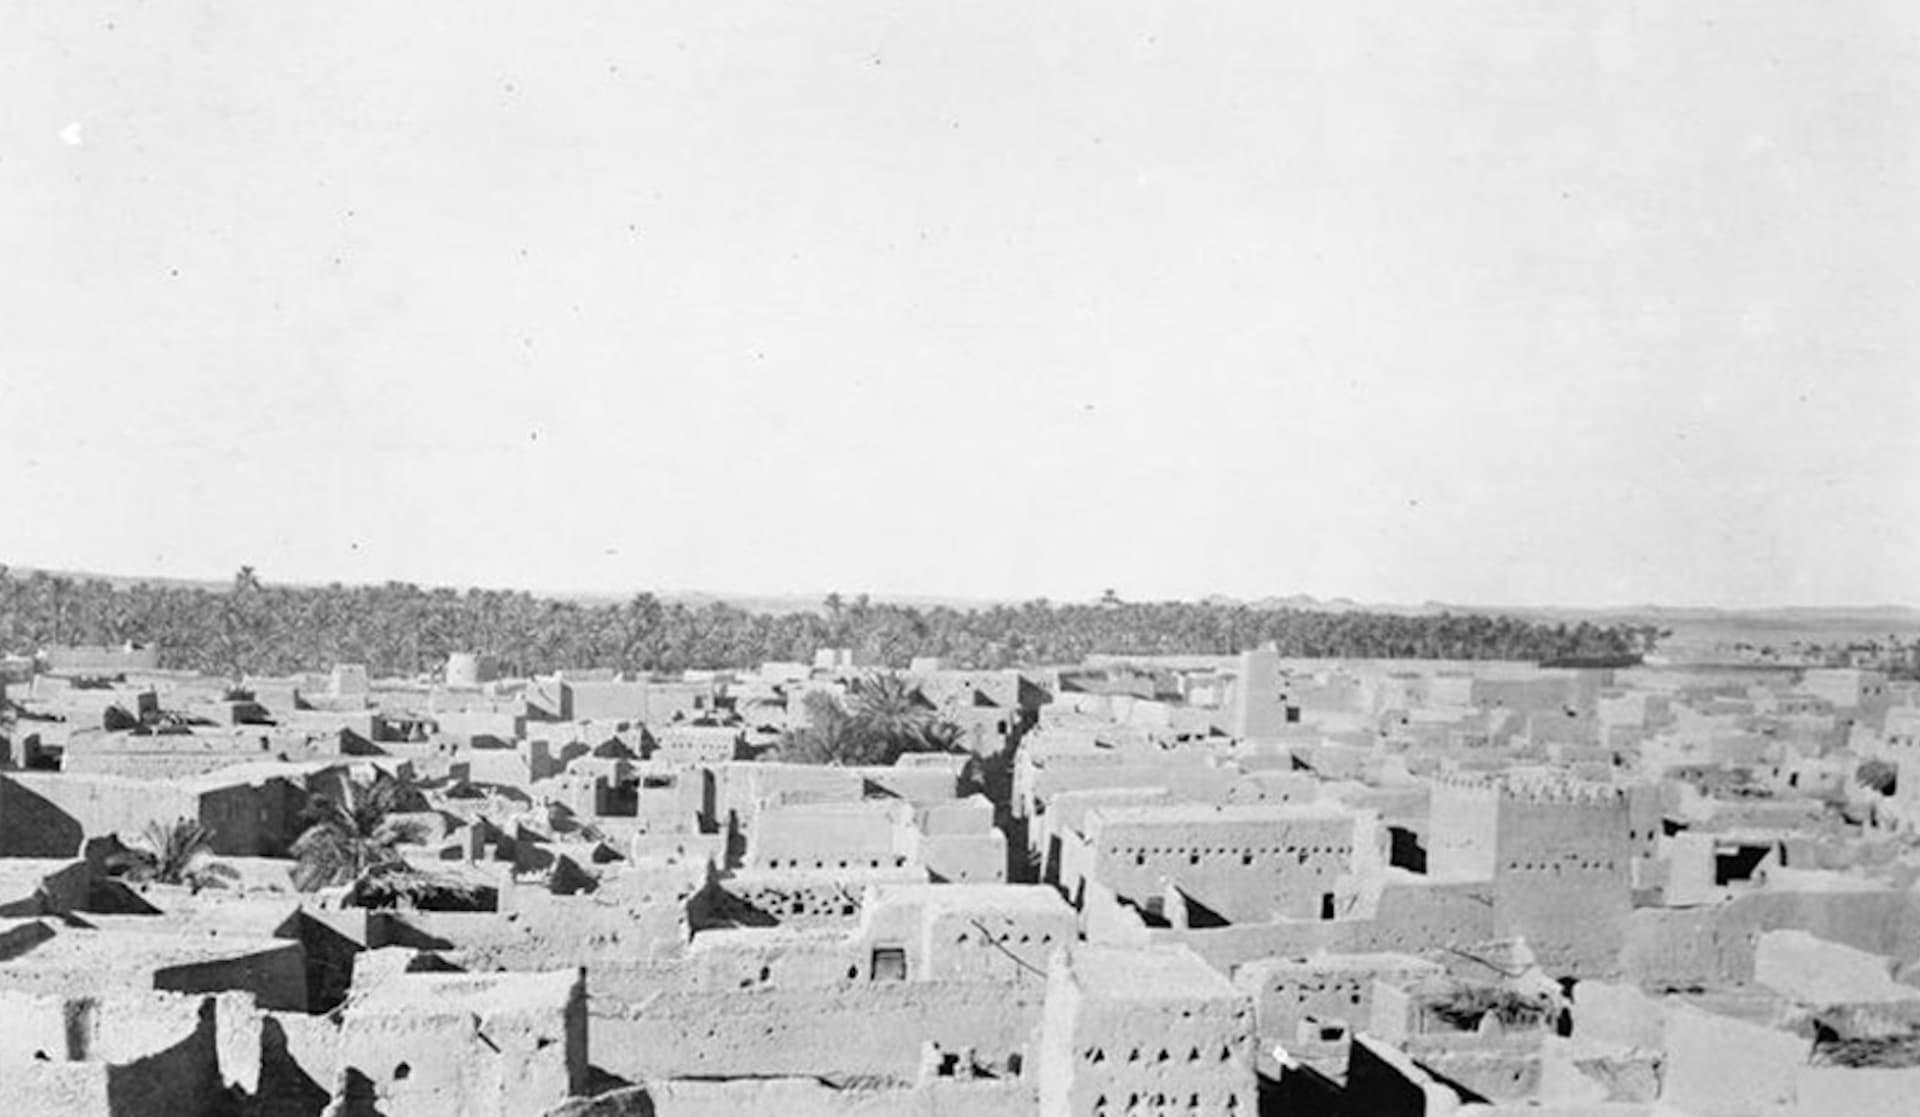 صورة تظهر أحد أحياء مدينة الرياض في عام 1917